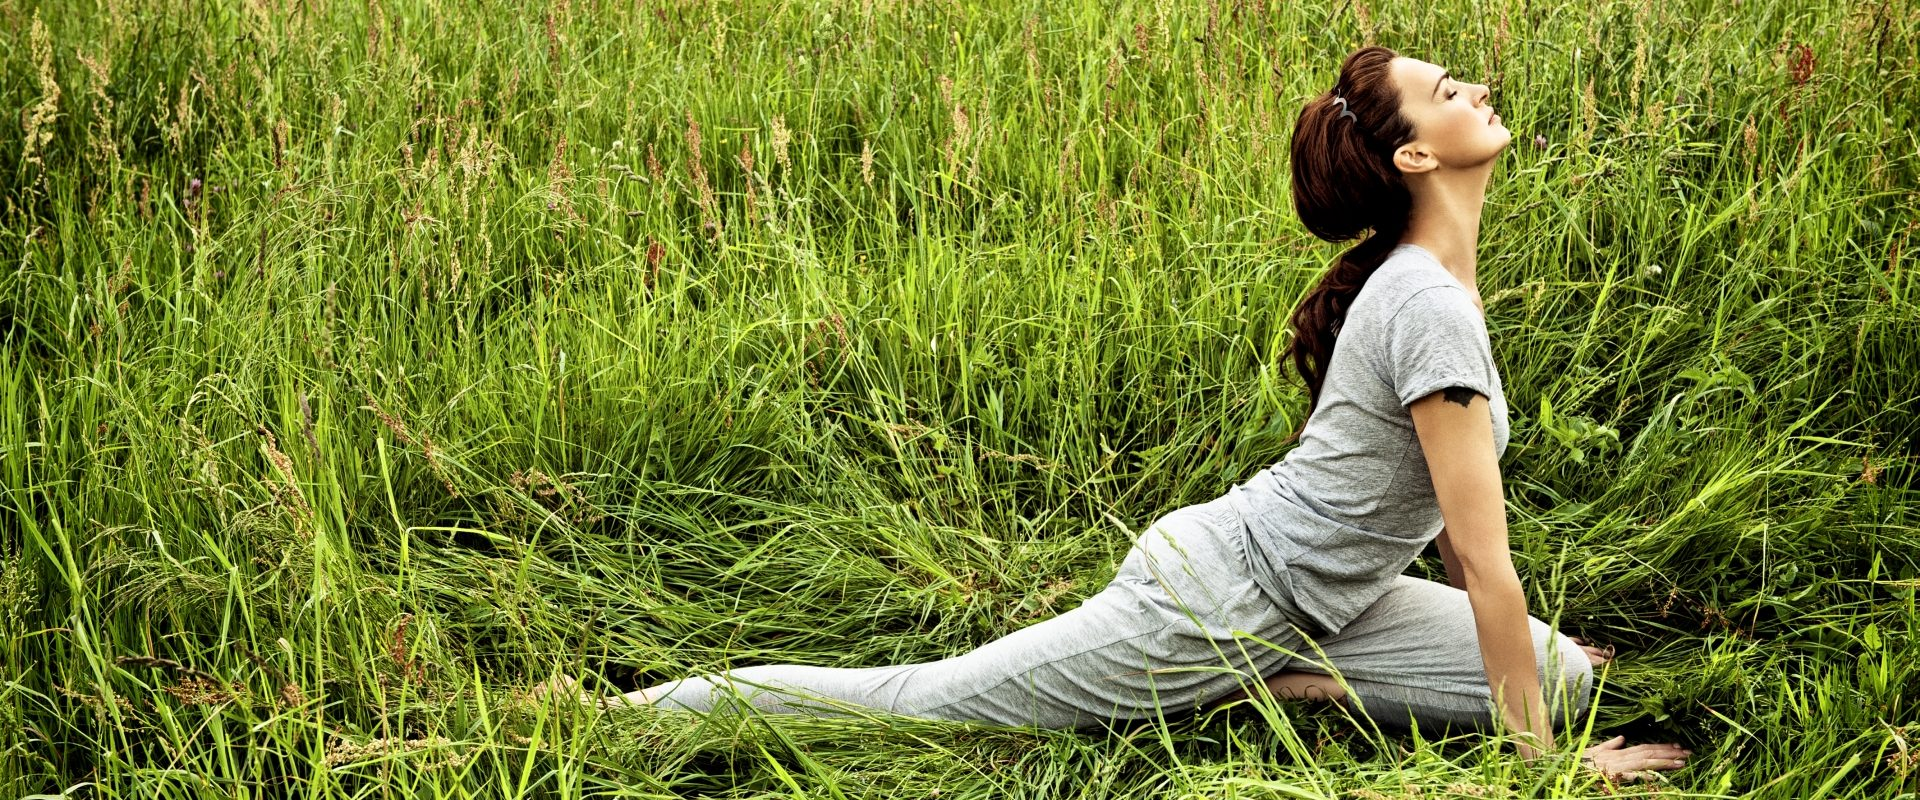 Agnieszka Maciąg ćwiczy jogę i medytuje na trawie.